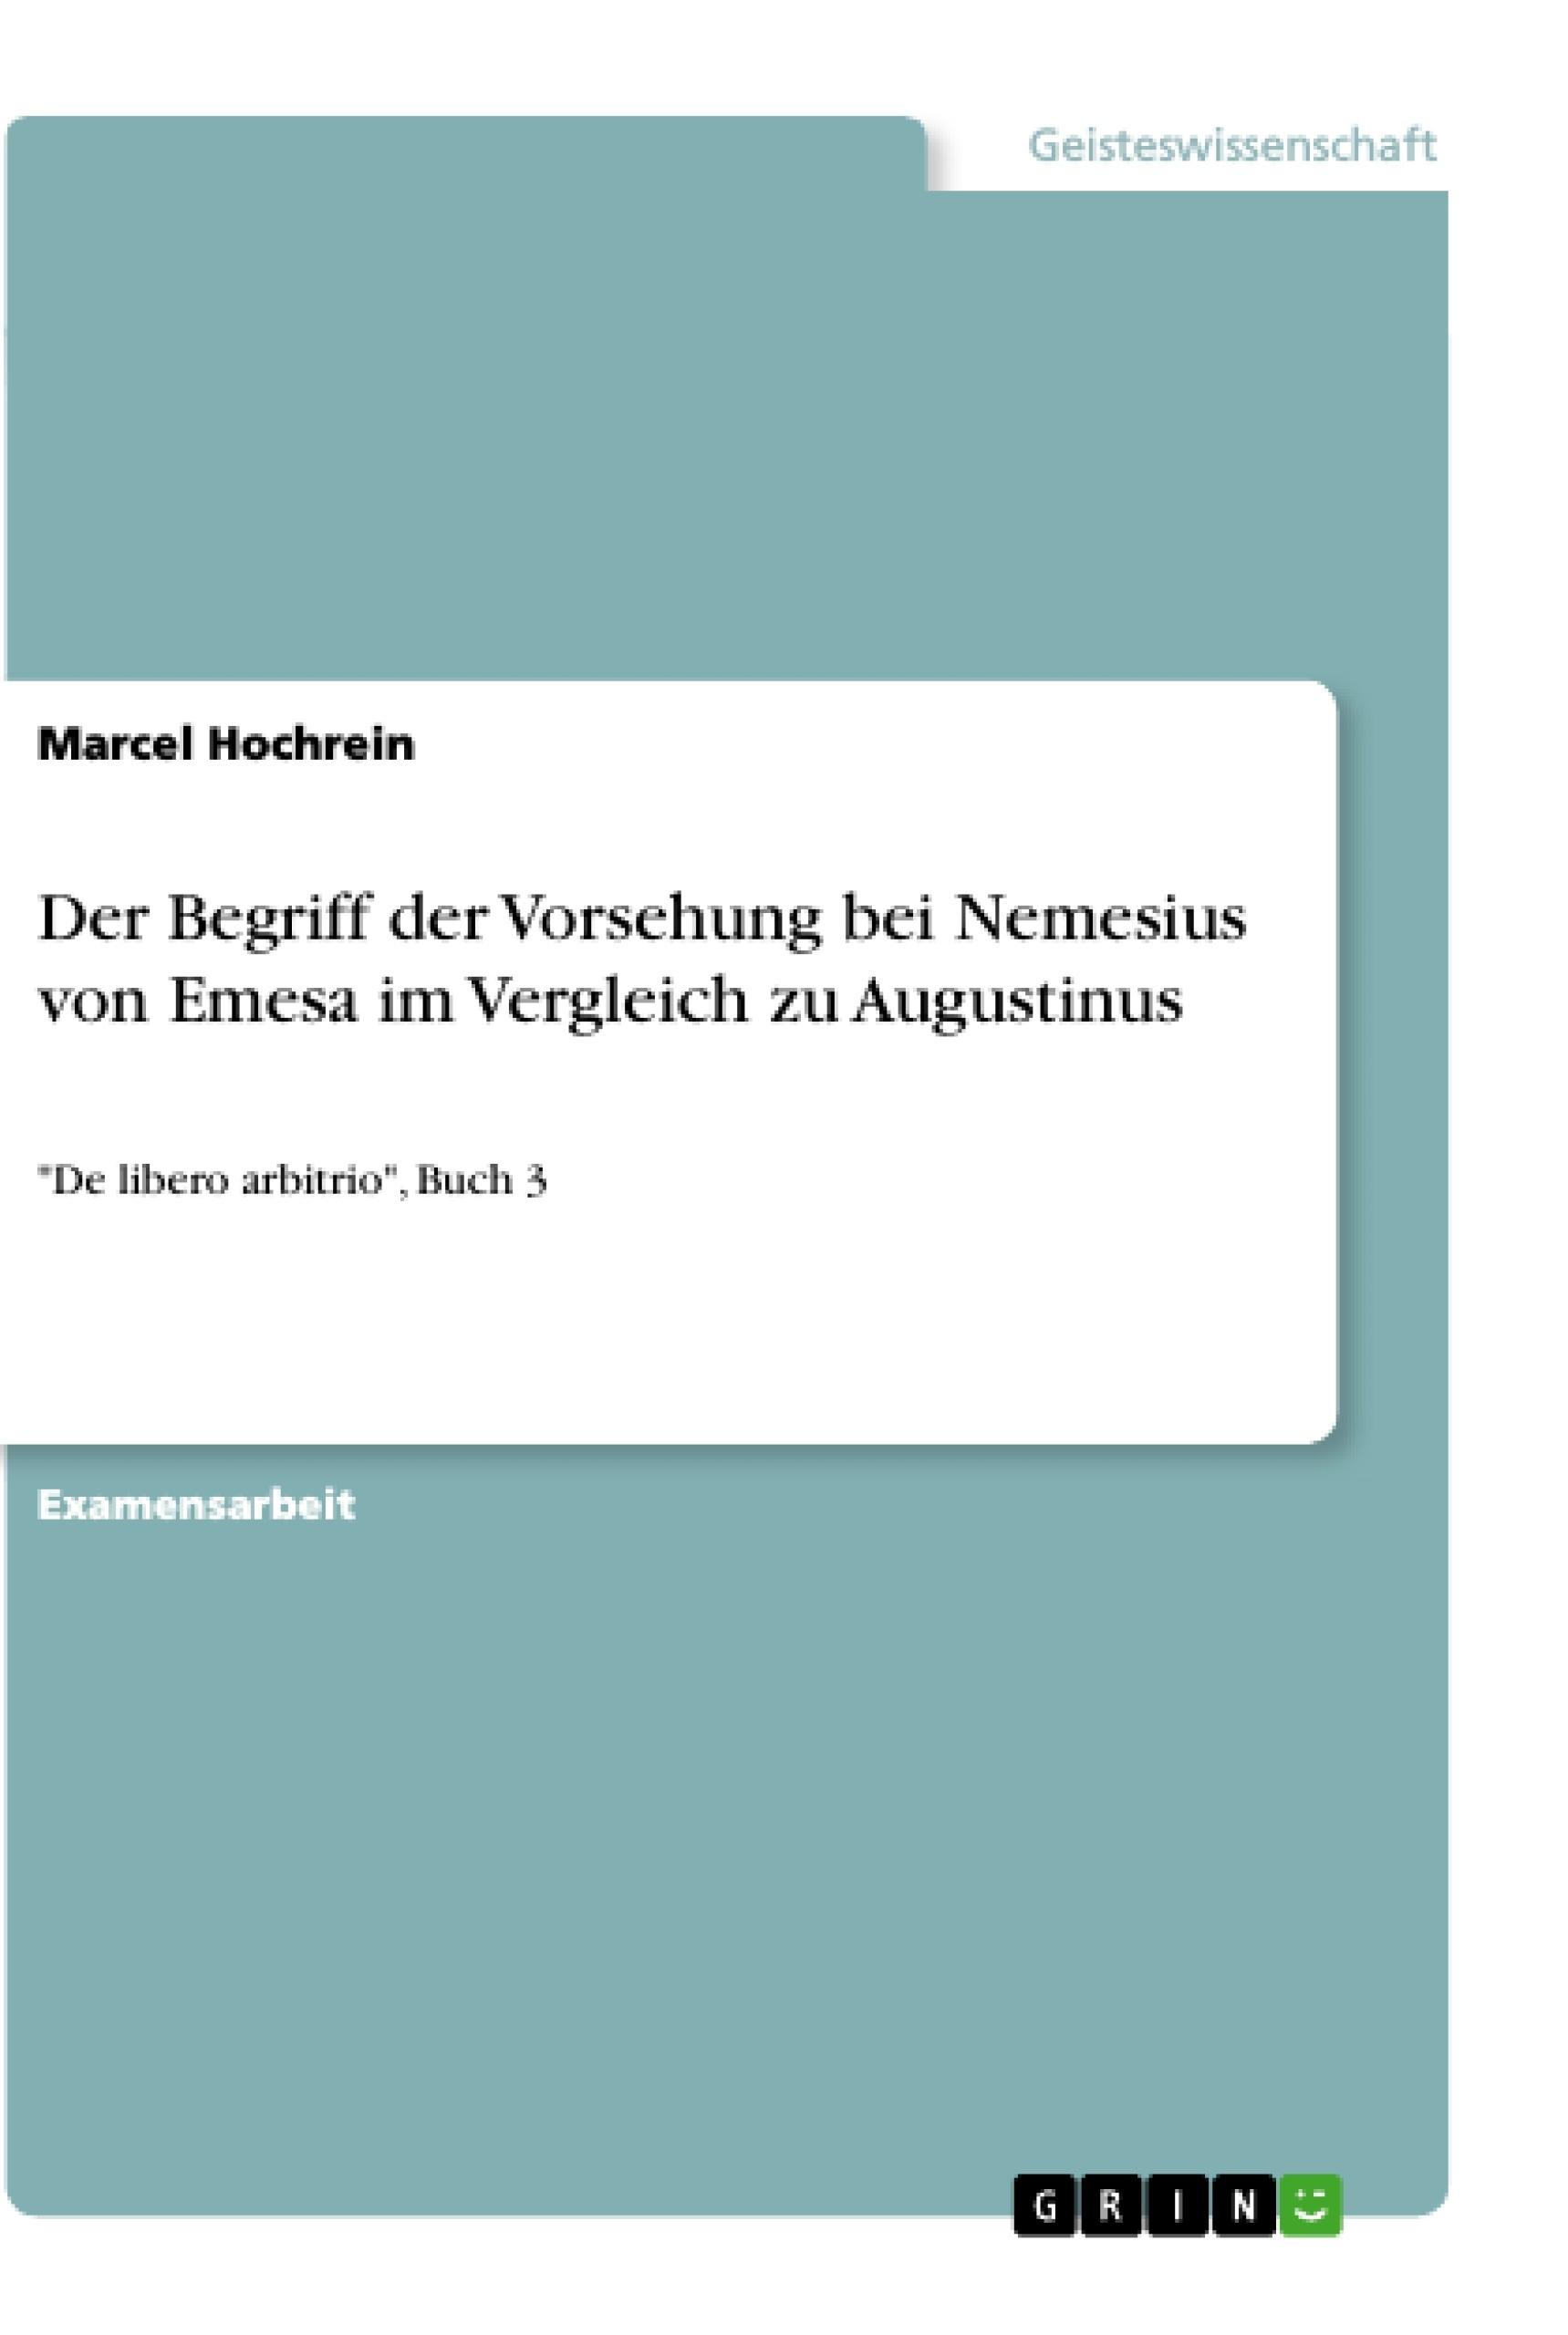 Titel: Der Begriff der Vorsehung bei Nemesius von Emesa im Vergleich zu Augustinus